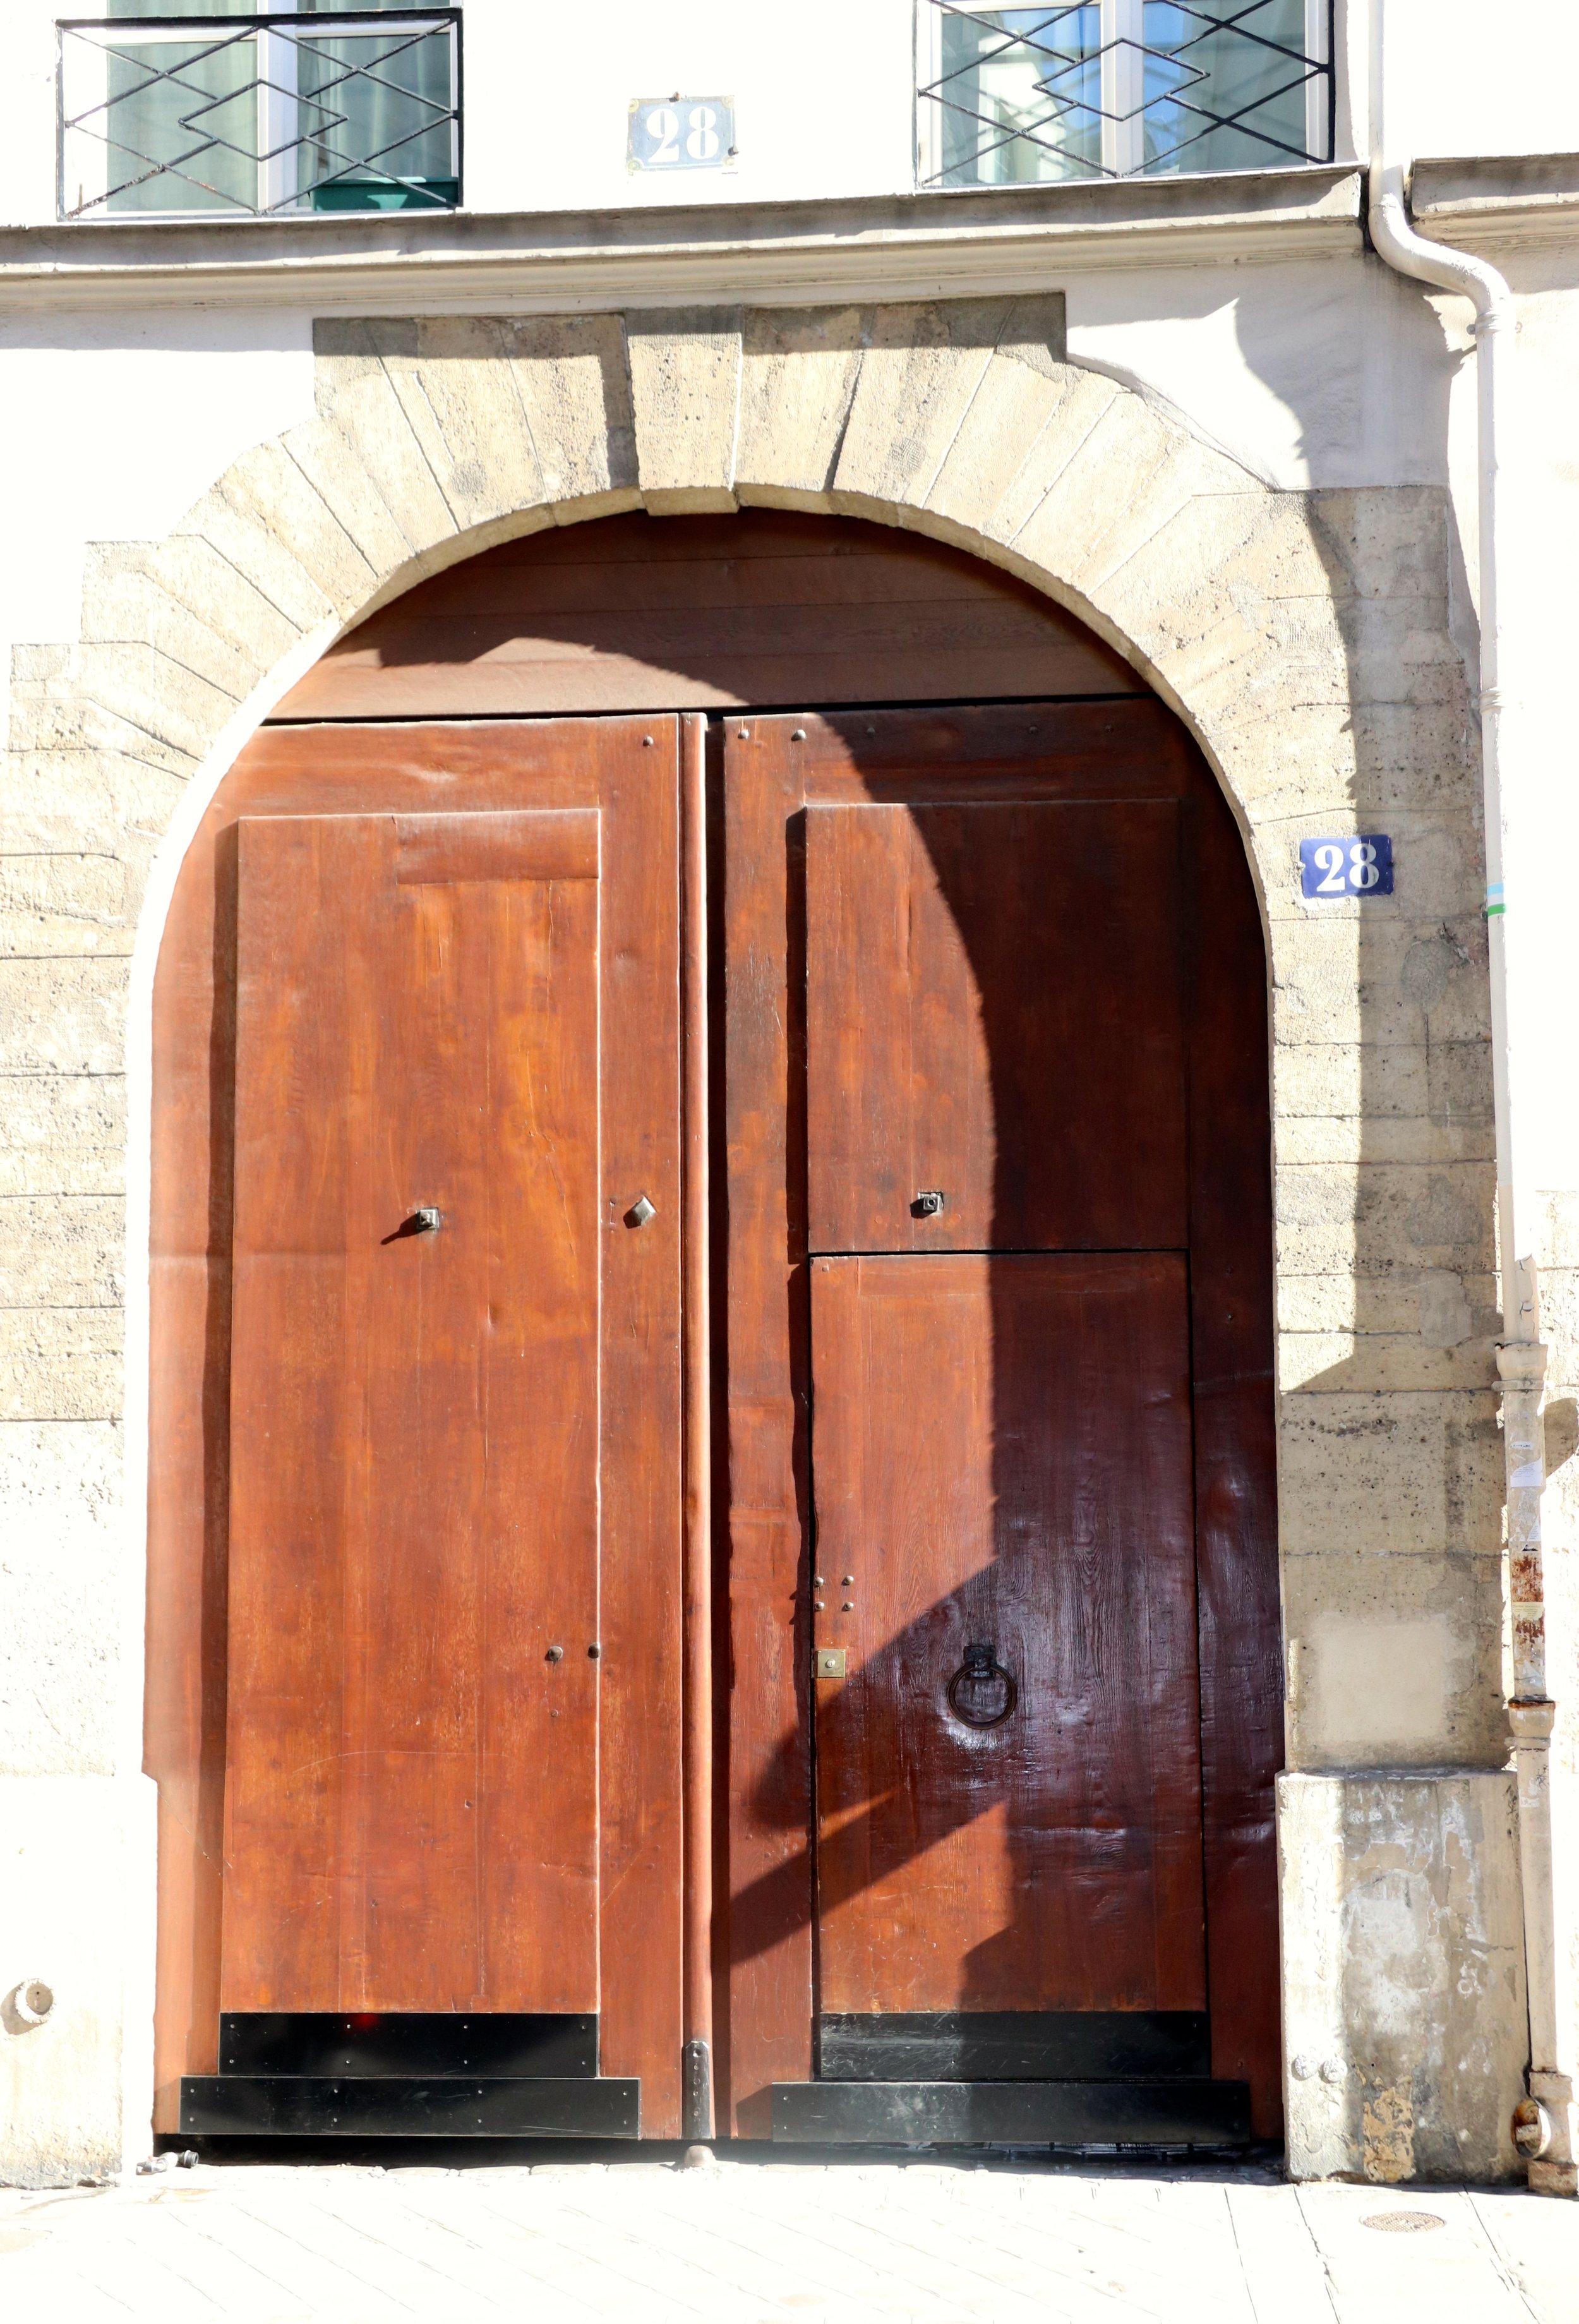 The huge, heavy door into the apartment building